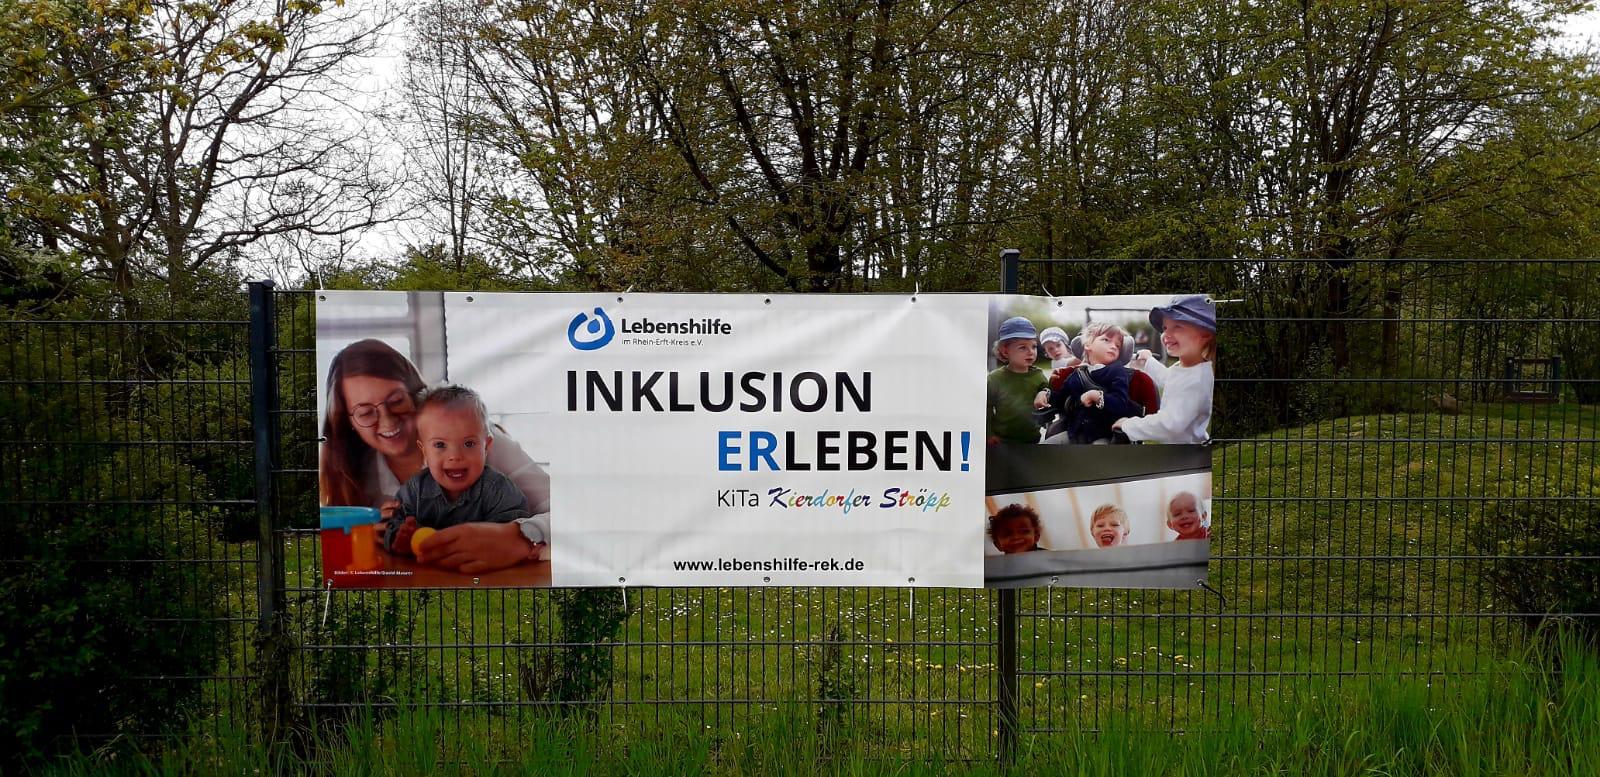 https://www.lebenshilfe-rek.de/wp-content/uploads/2021/05/1d32bde9-cc6a-4824-b152-2511b3177125.jpeg